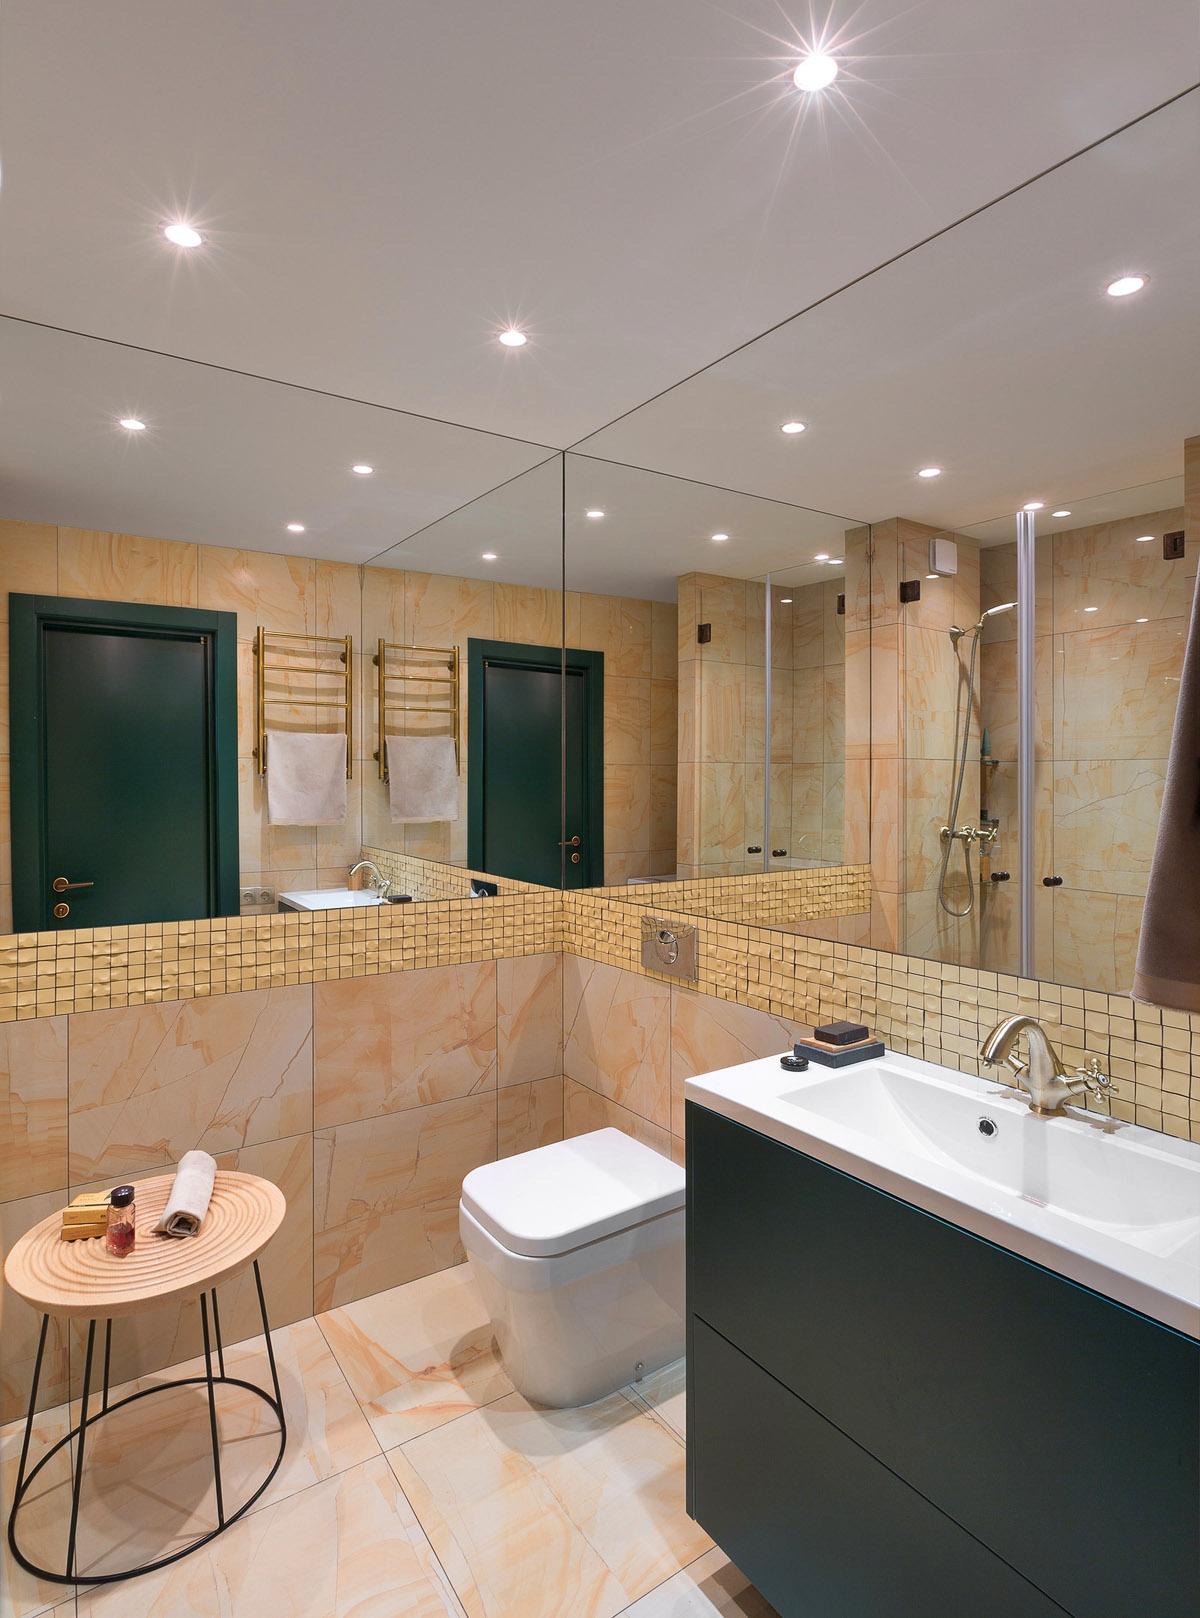 Ванная комната в бежевых тонах, дизайн интерьера, Киев, Украина, фото